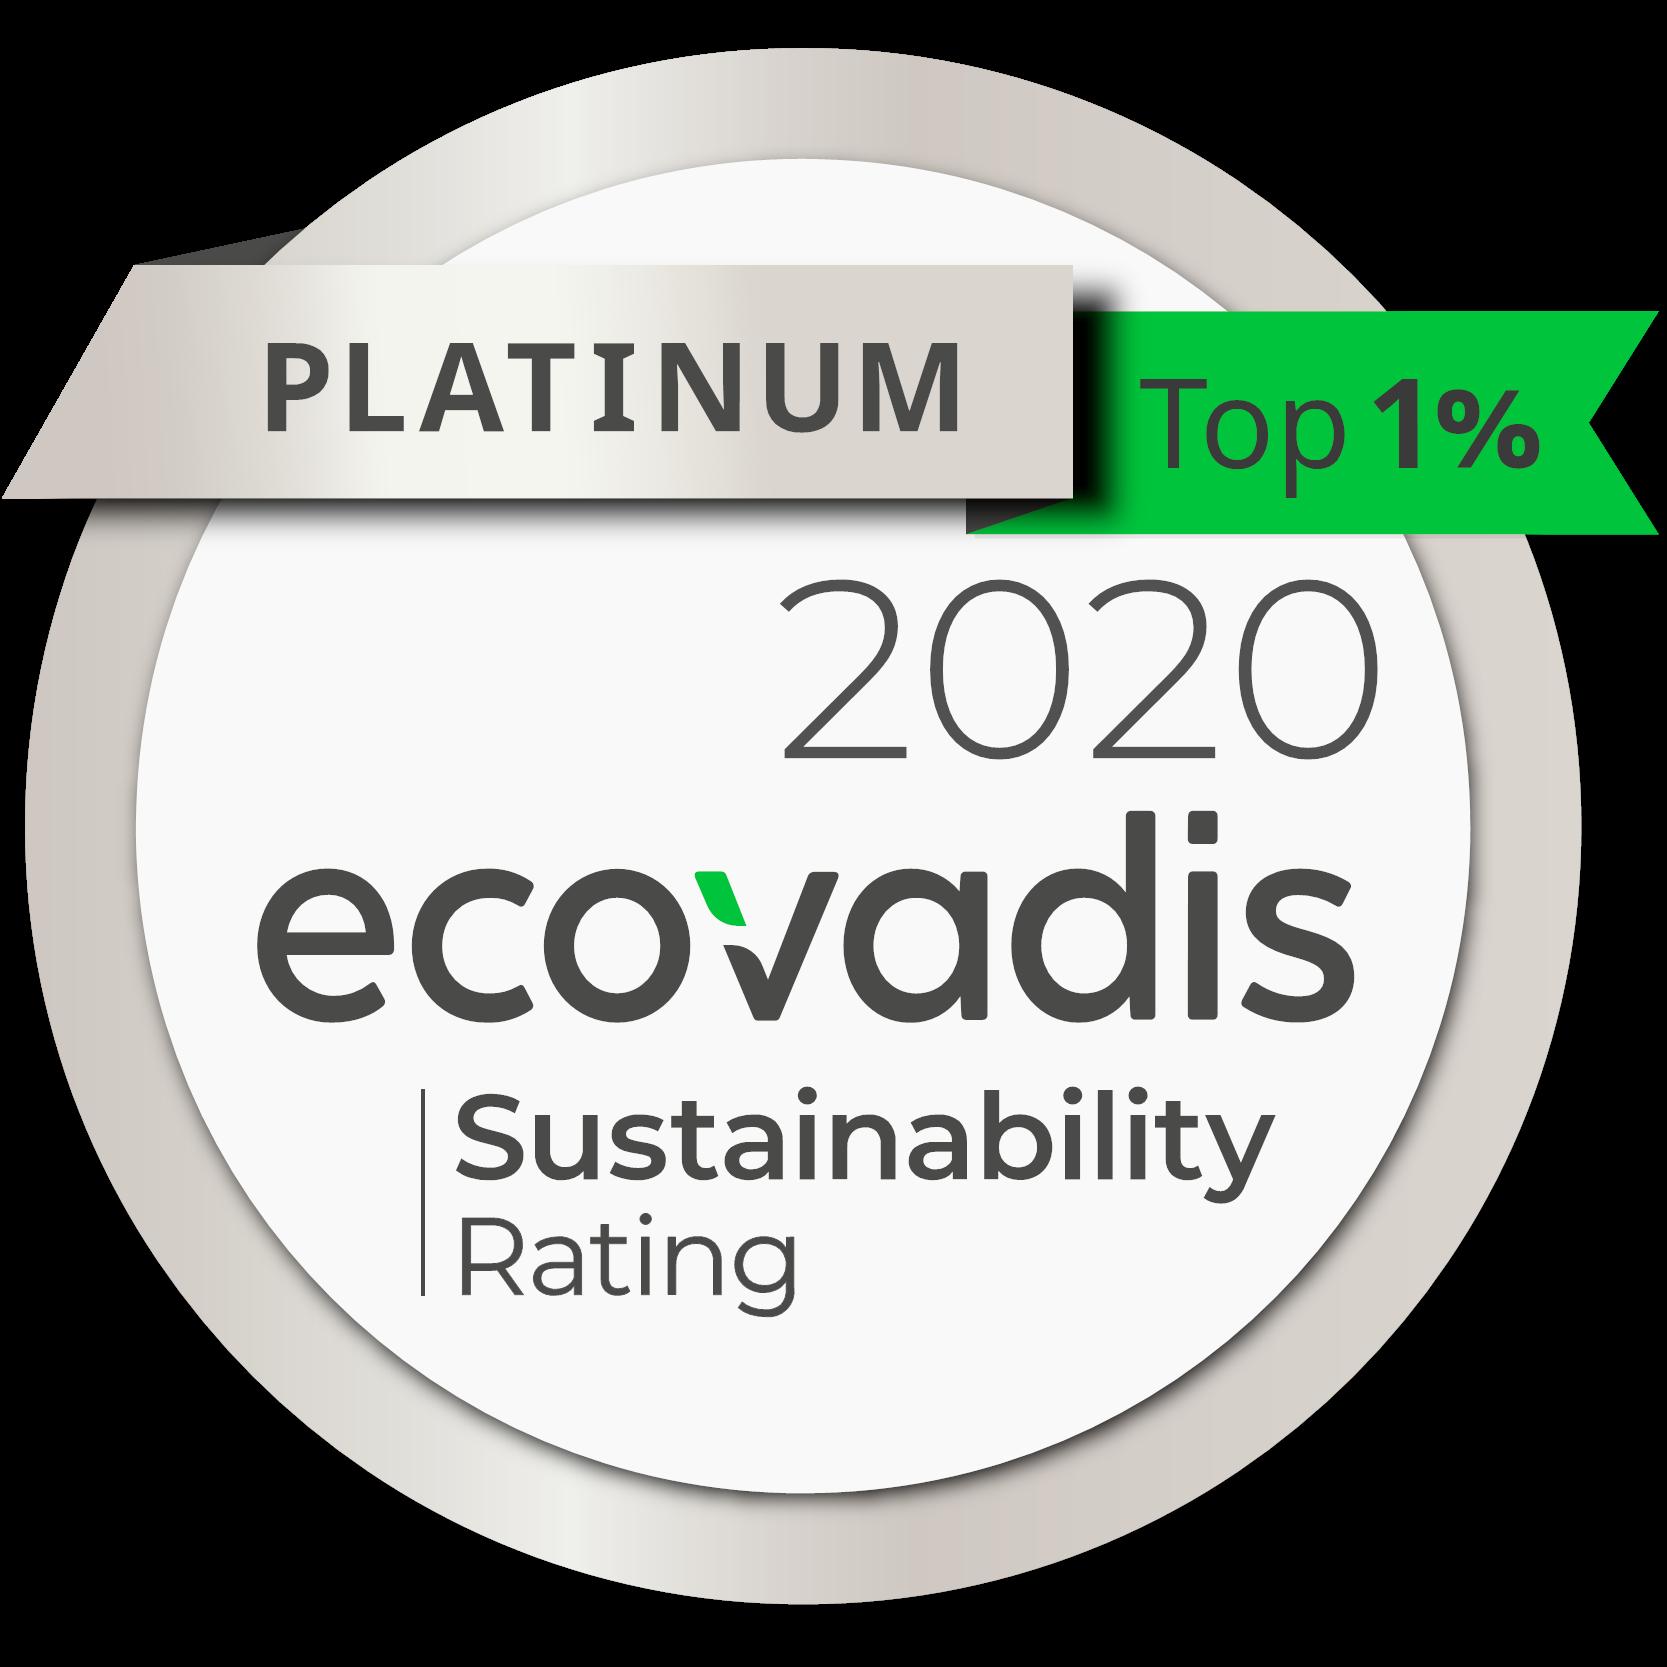 Fives s'est vu attribuer le statut de fournisseur le plus élevé : Platinum